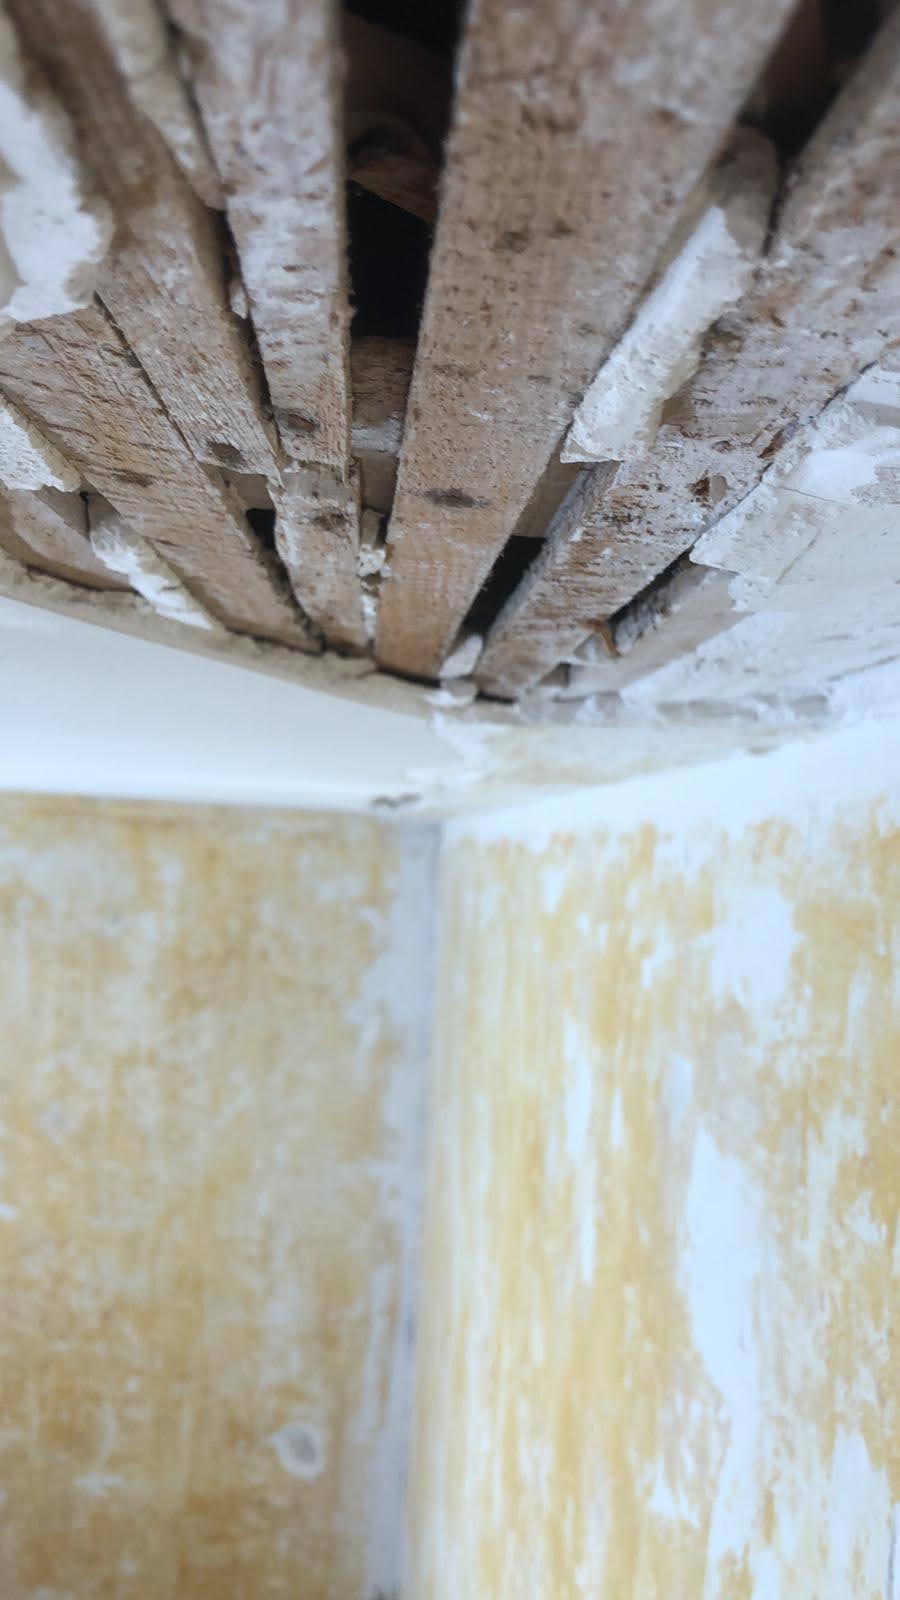 Grattage de toutes les zones nécessiteuses sur plafonds, murs et boiseries